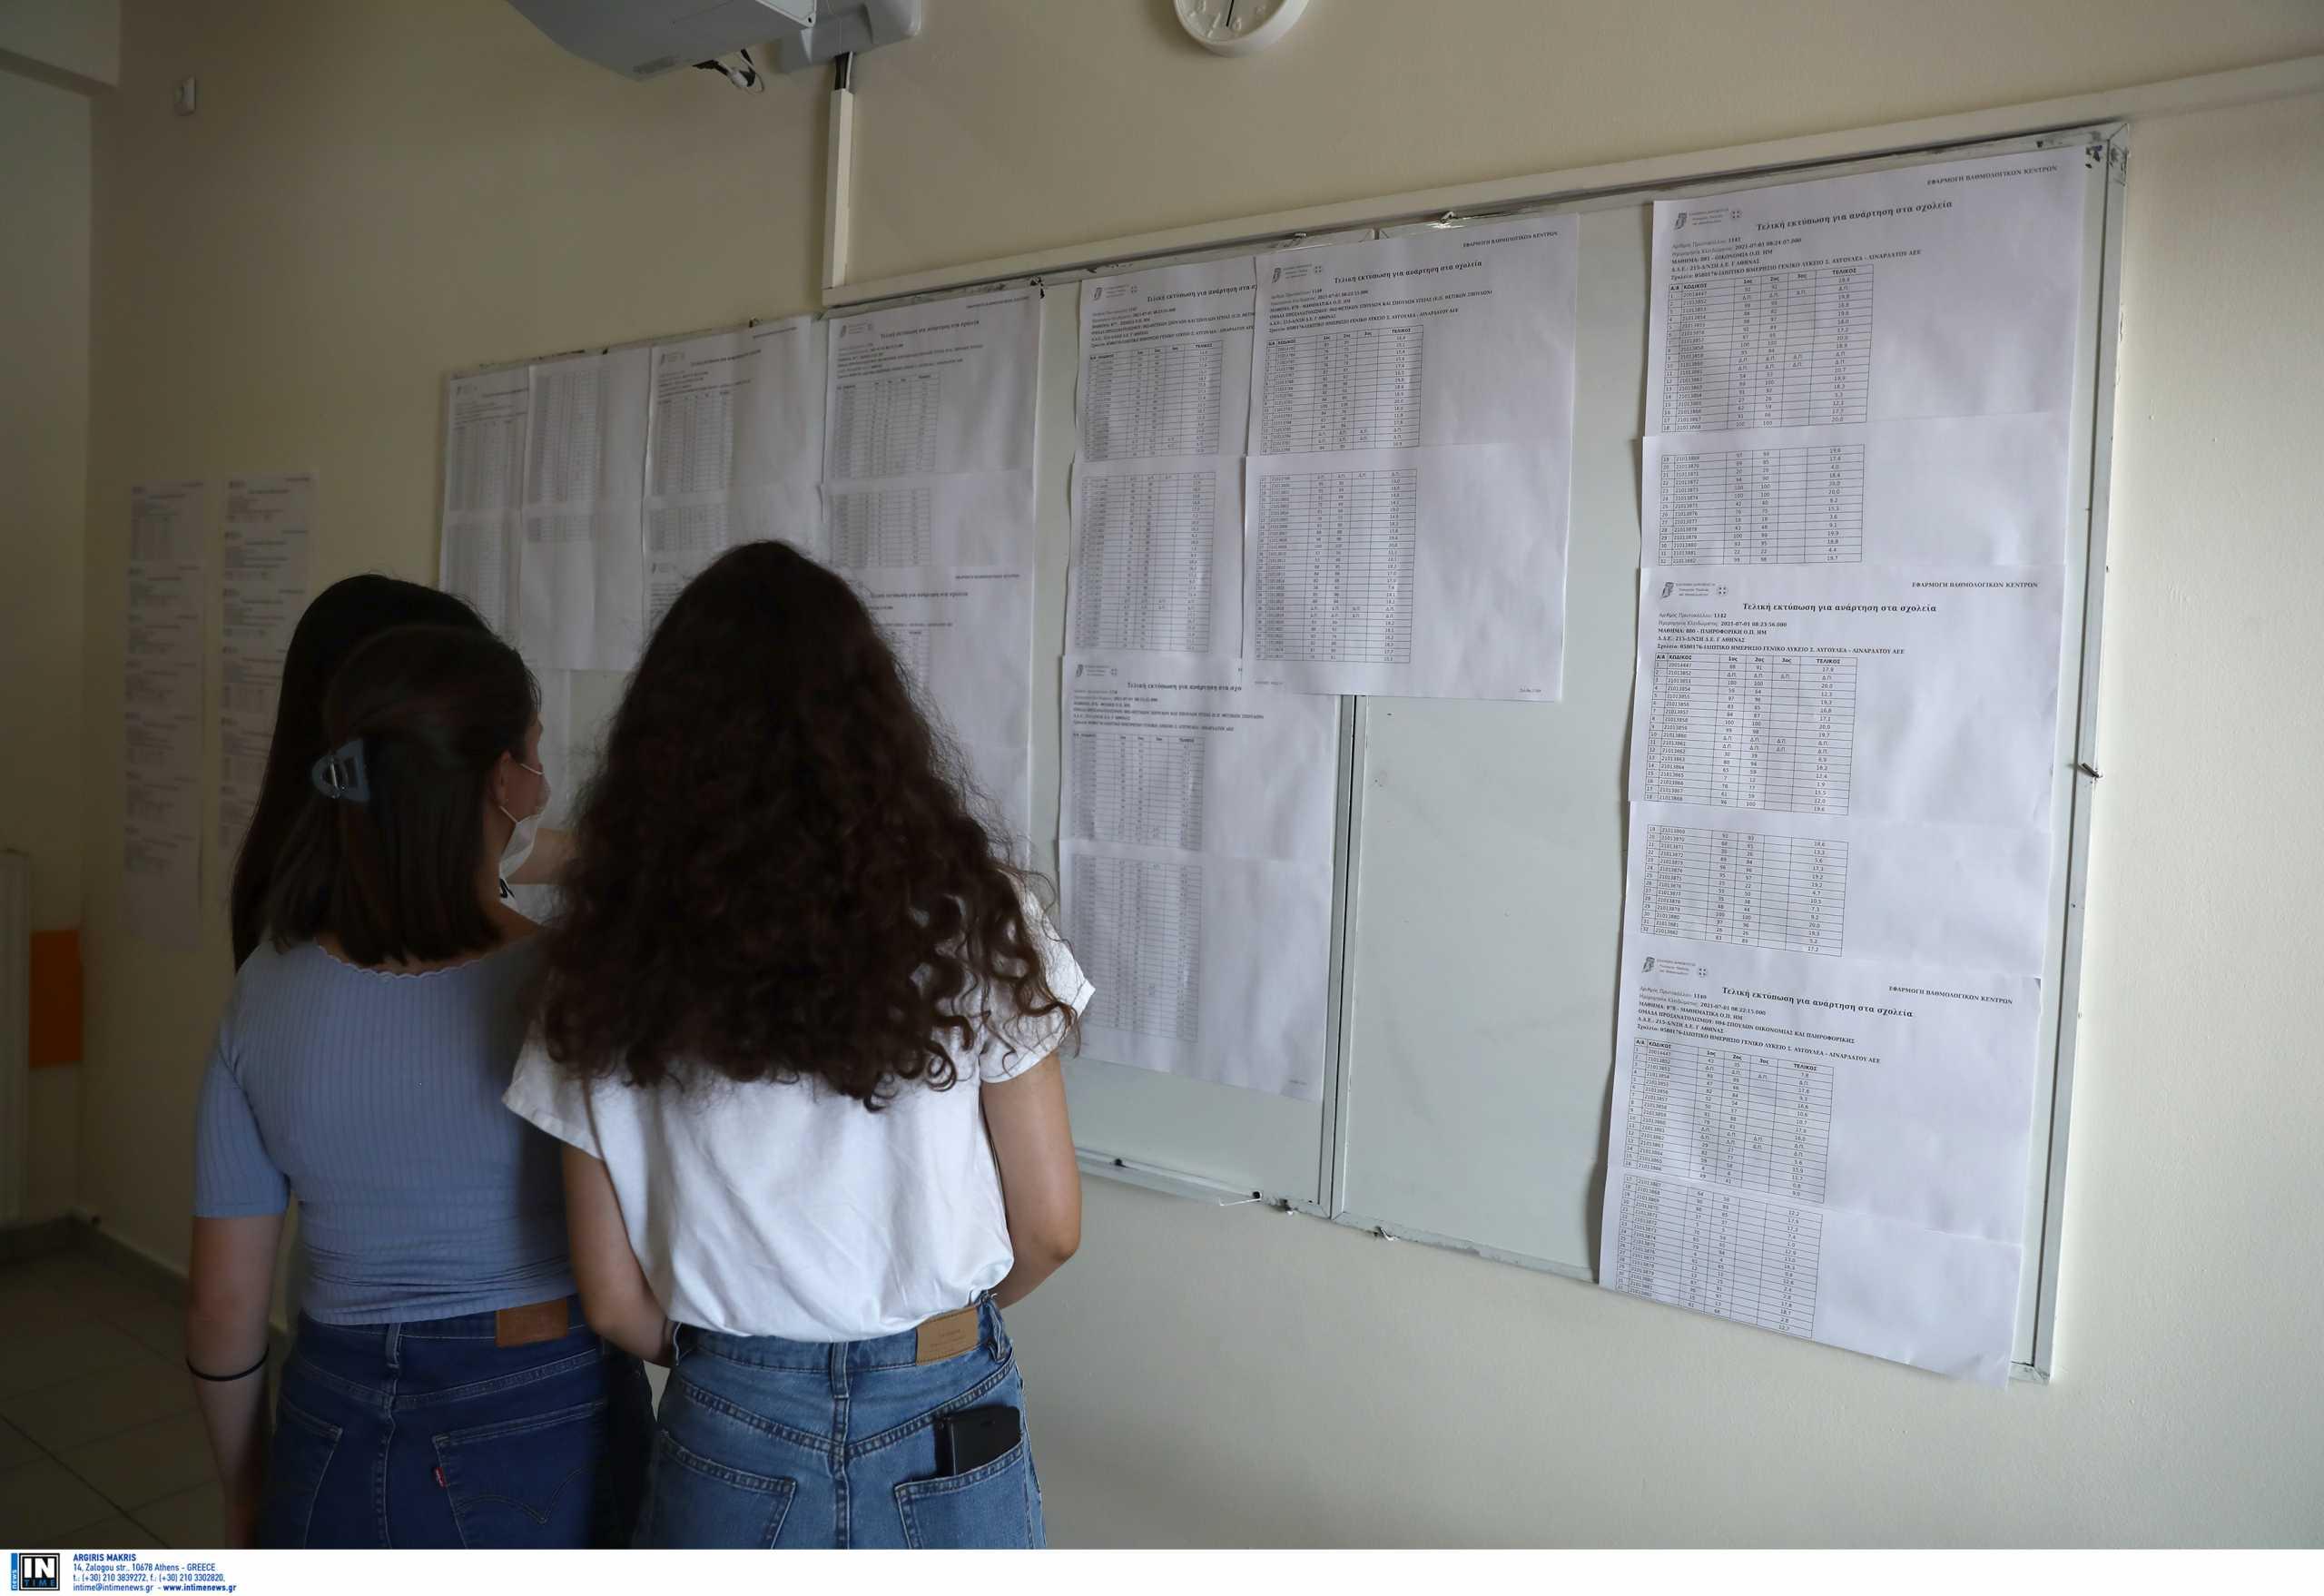 ΙΕΚ υπουργείου Τουρισμού: Ξεκίνησε η διαδικασία για την κάλυψη 914 θέσεων